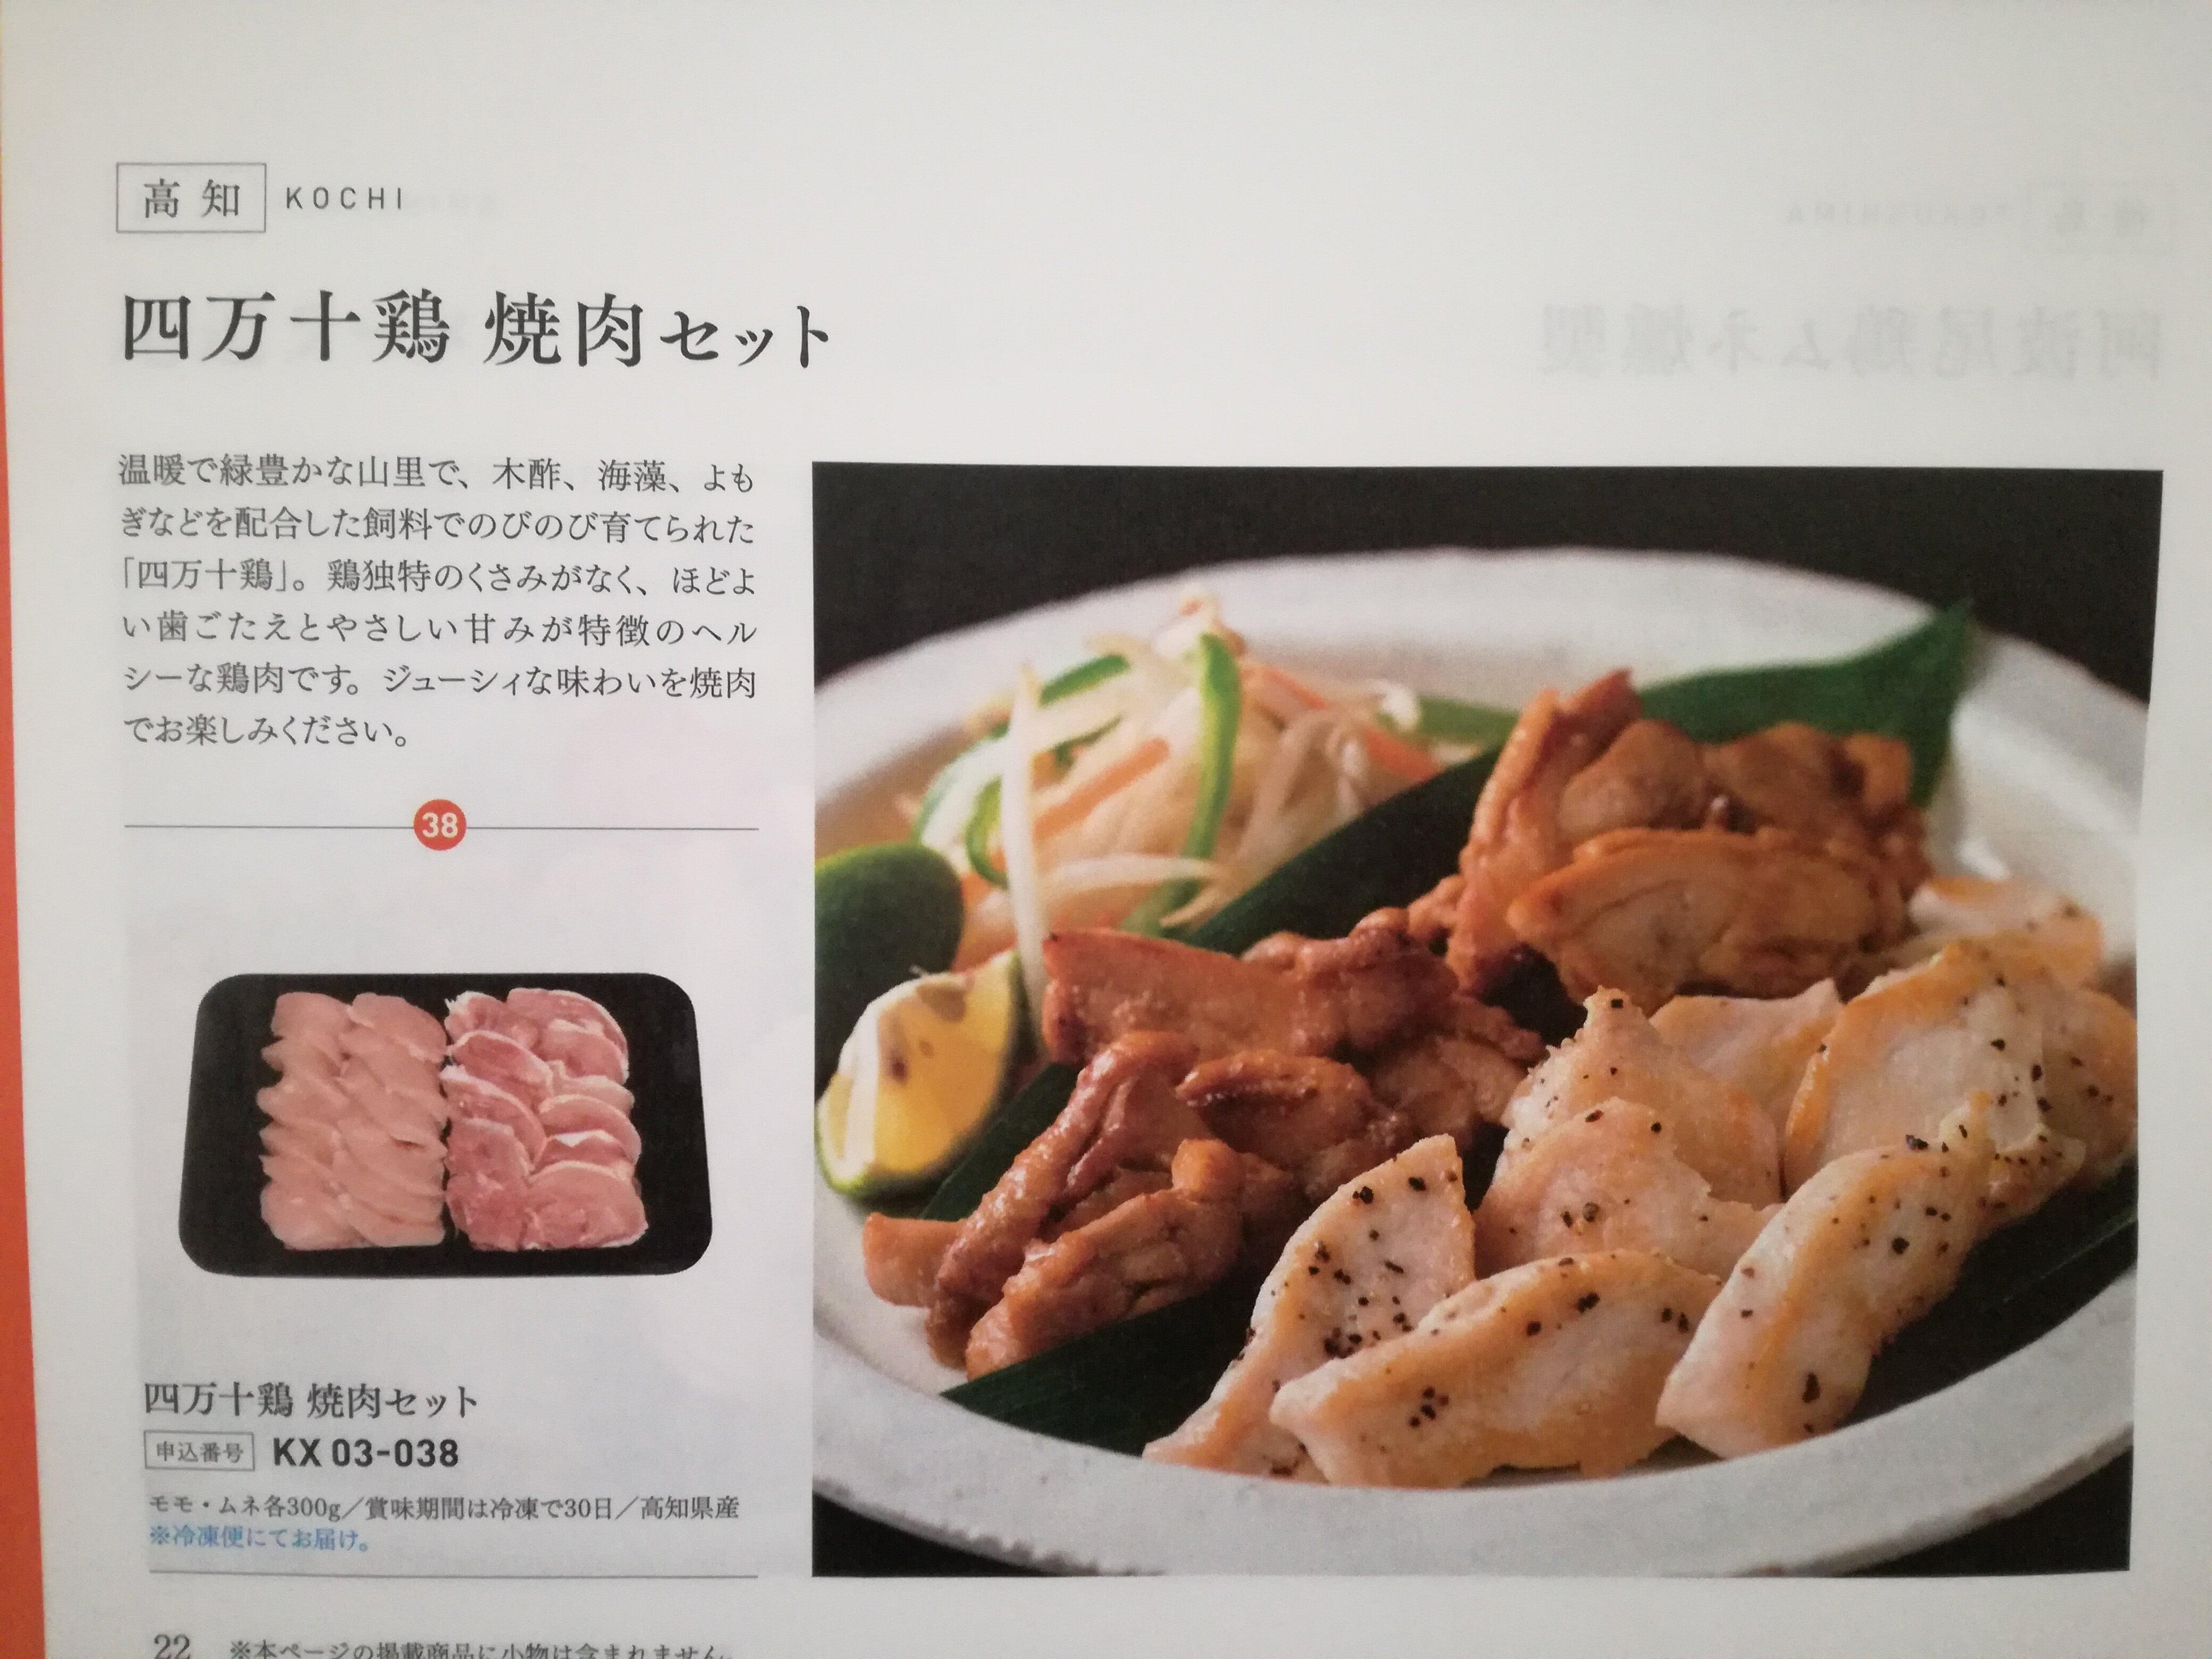 47都道府県の美味しいものから選べるKDDI(9433)の株主優待カタログギフトが2名義分到着!